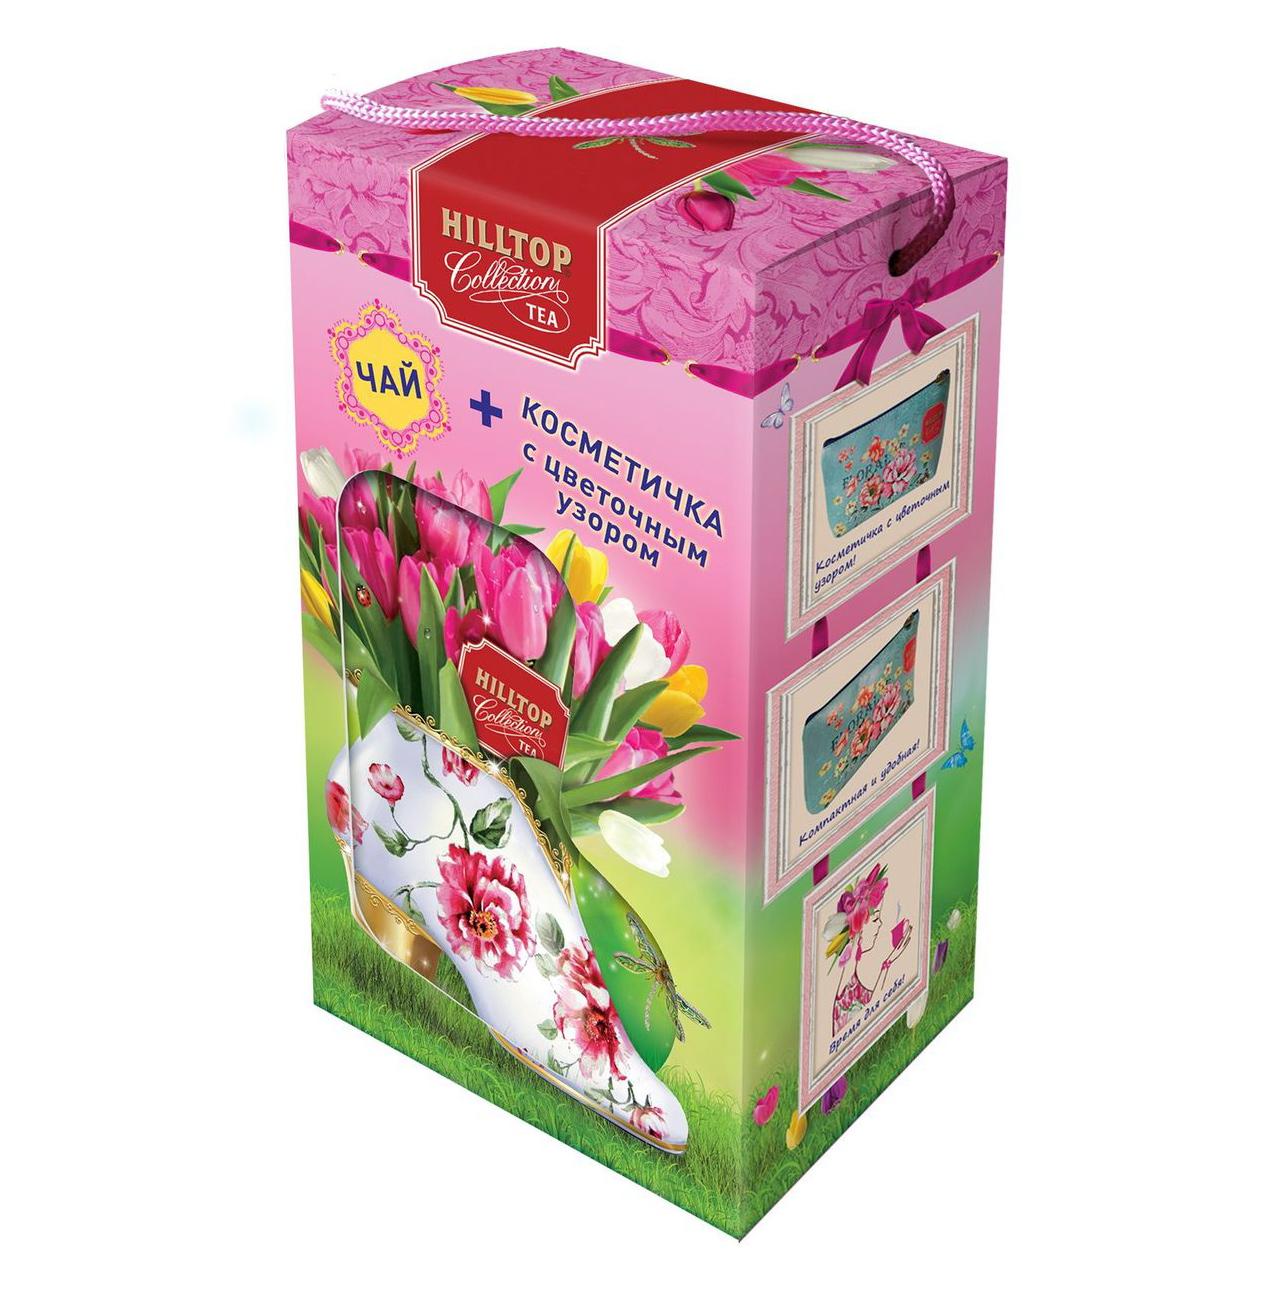 Чайный набор Hilltop Яркие тюльпаны, Подарок Цейлона листовой 80 г + косметичка